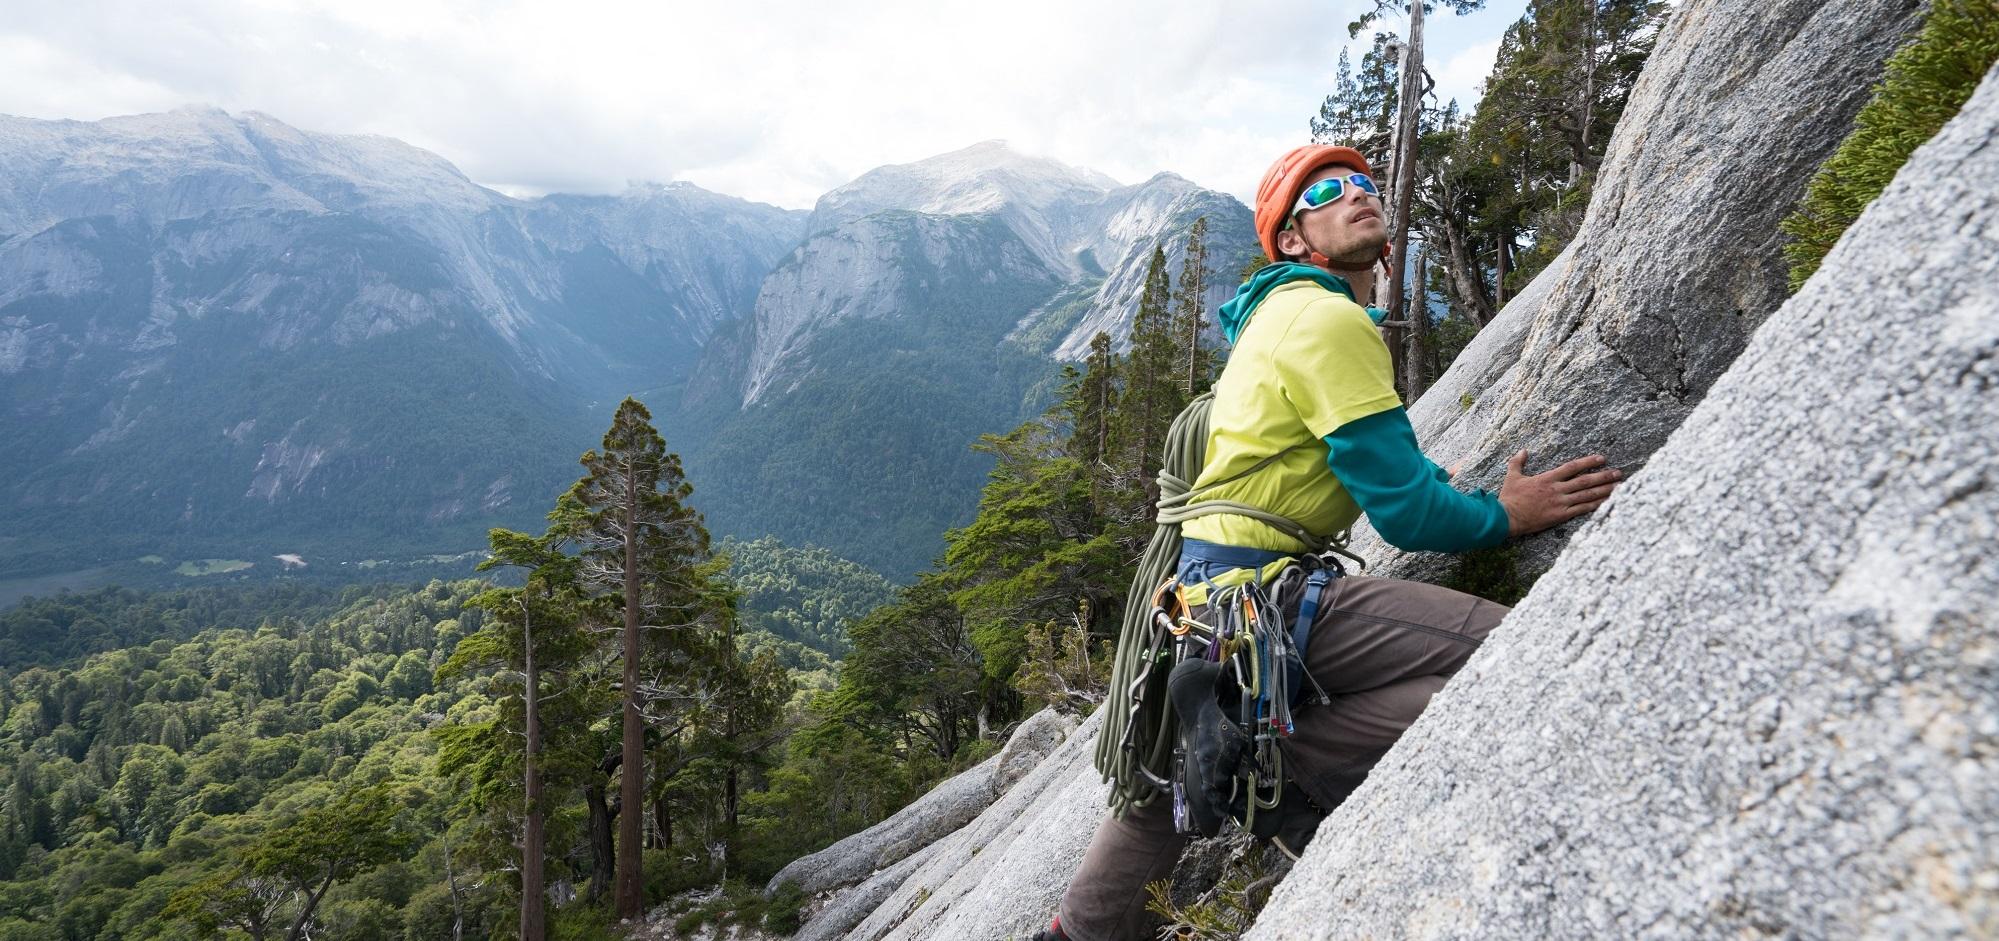 Turismo Aventura en Chile: Naturaleza y experiencias ...